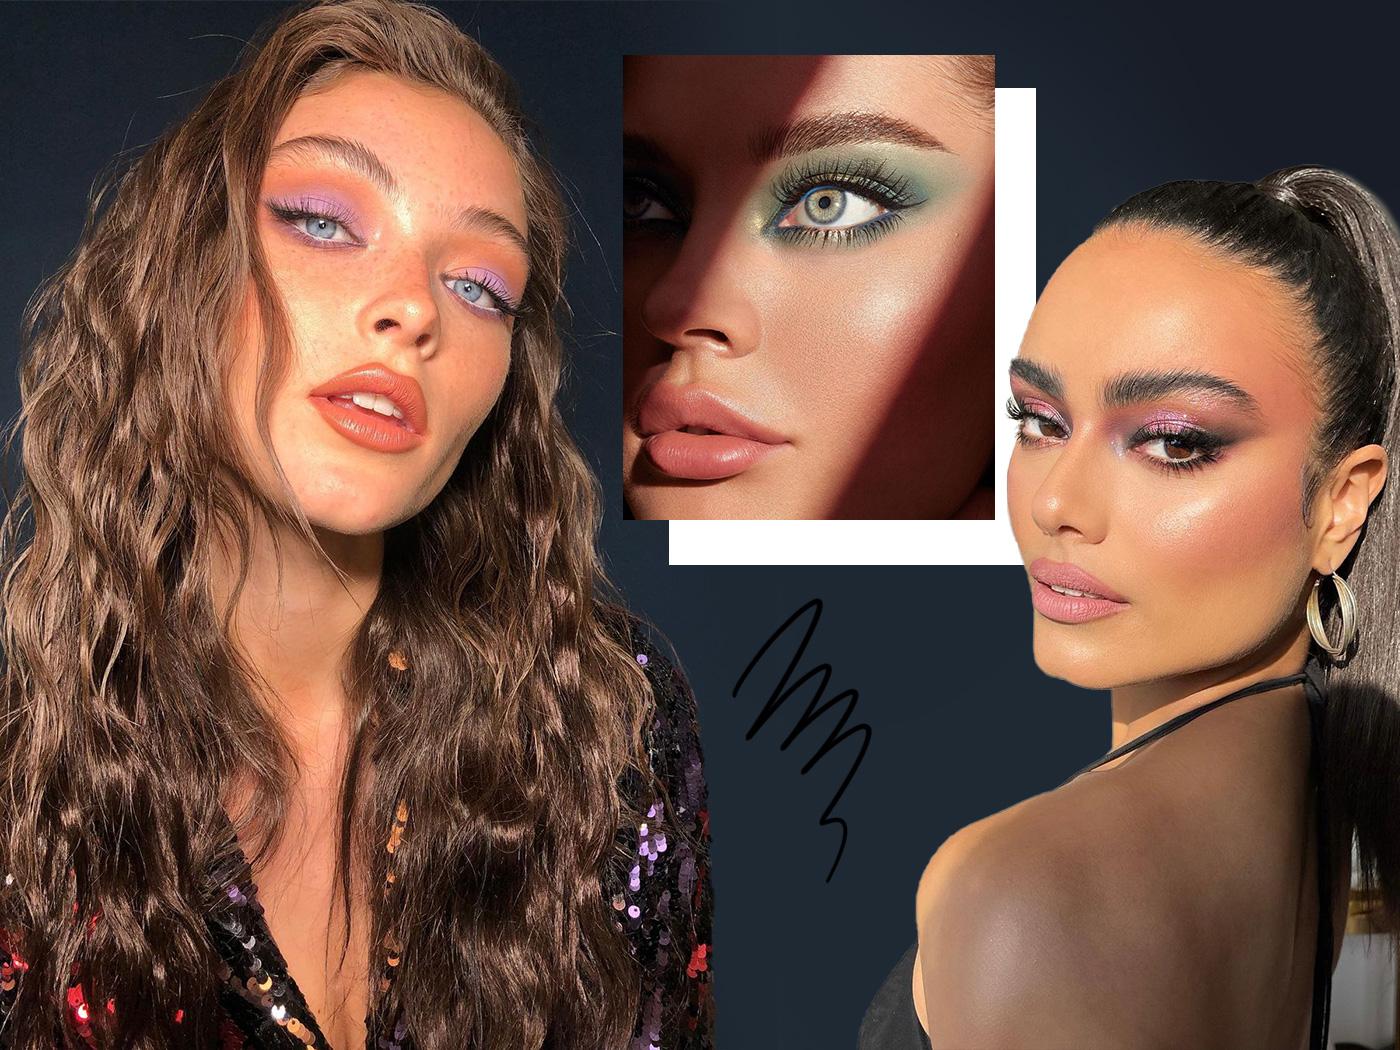 Τα μακιγιάζ που προτείνουν για την άνοιξη μερικοί από τους αγαπημένους μας makeup artist στο instagram